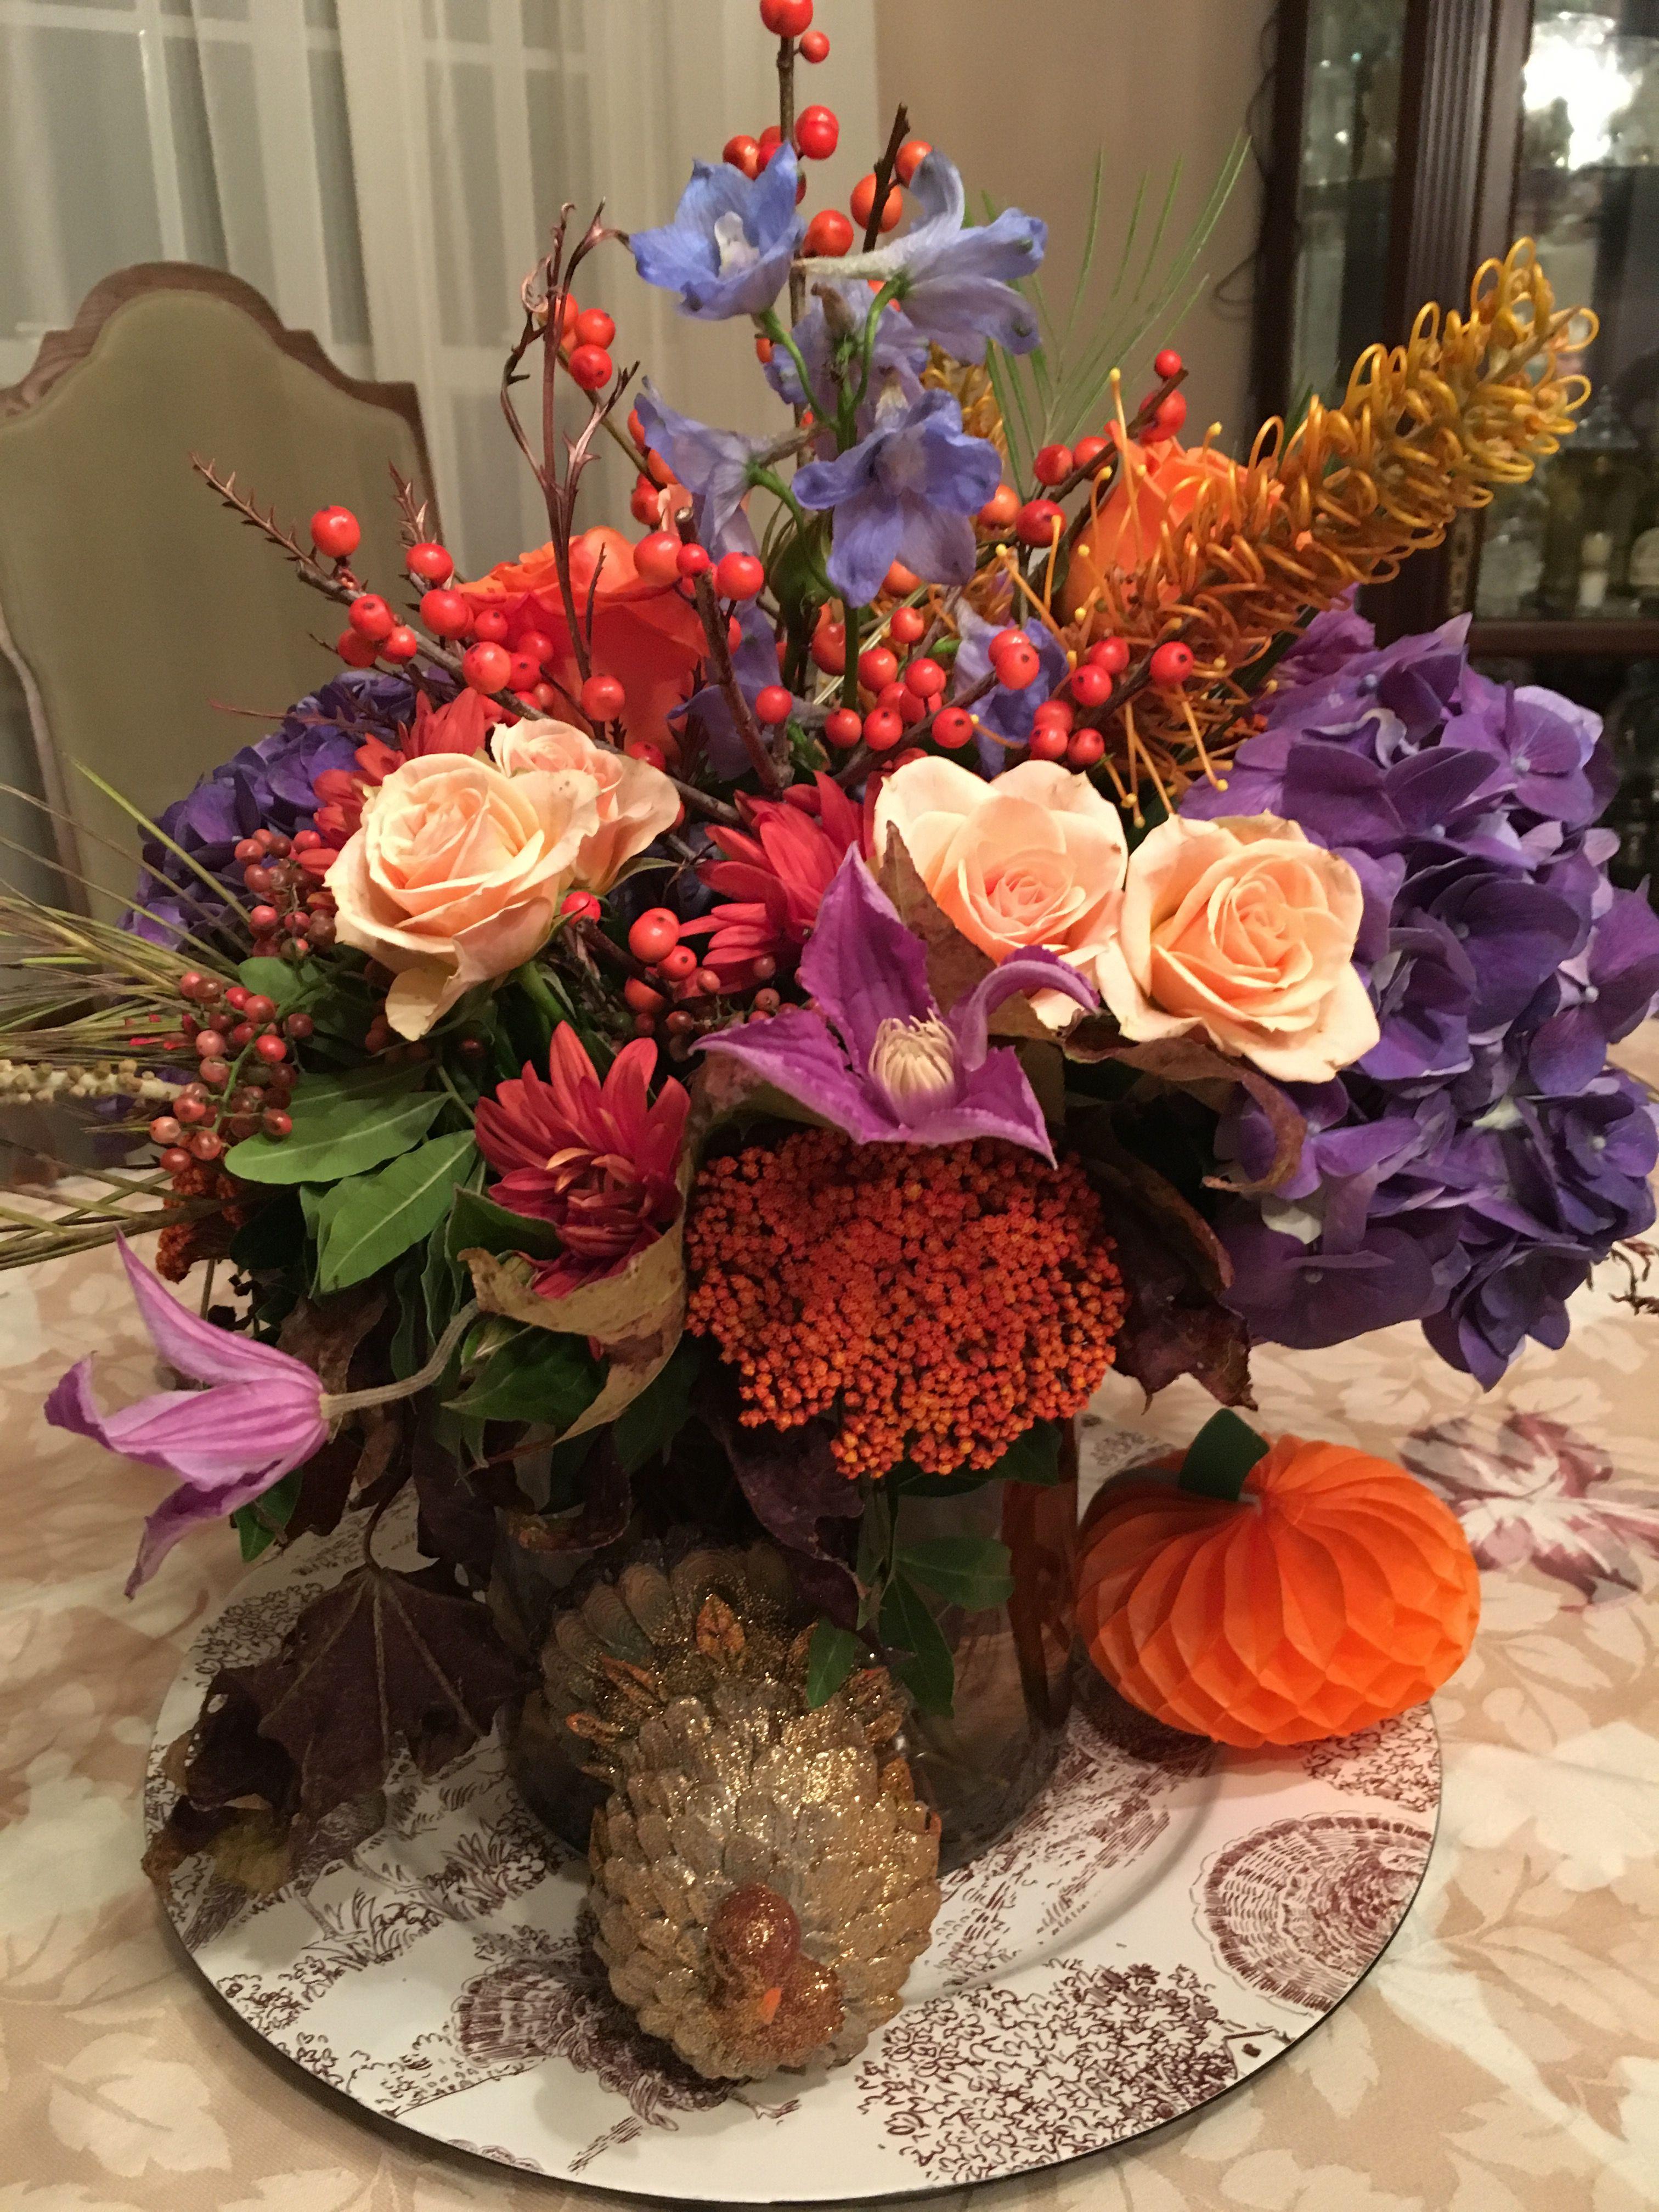 Thanksgiving Centerpiece Deep Purple Orange And Peach Flowers Peach Flowers Thanksgiving Centerpieces Centerpieces